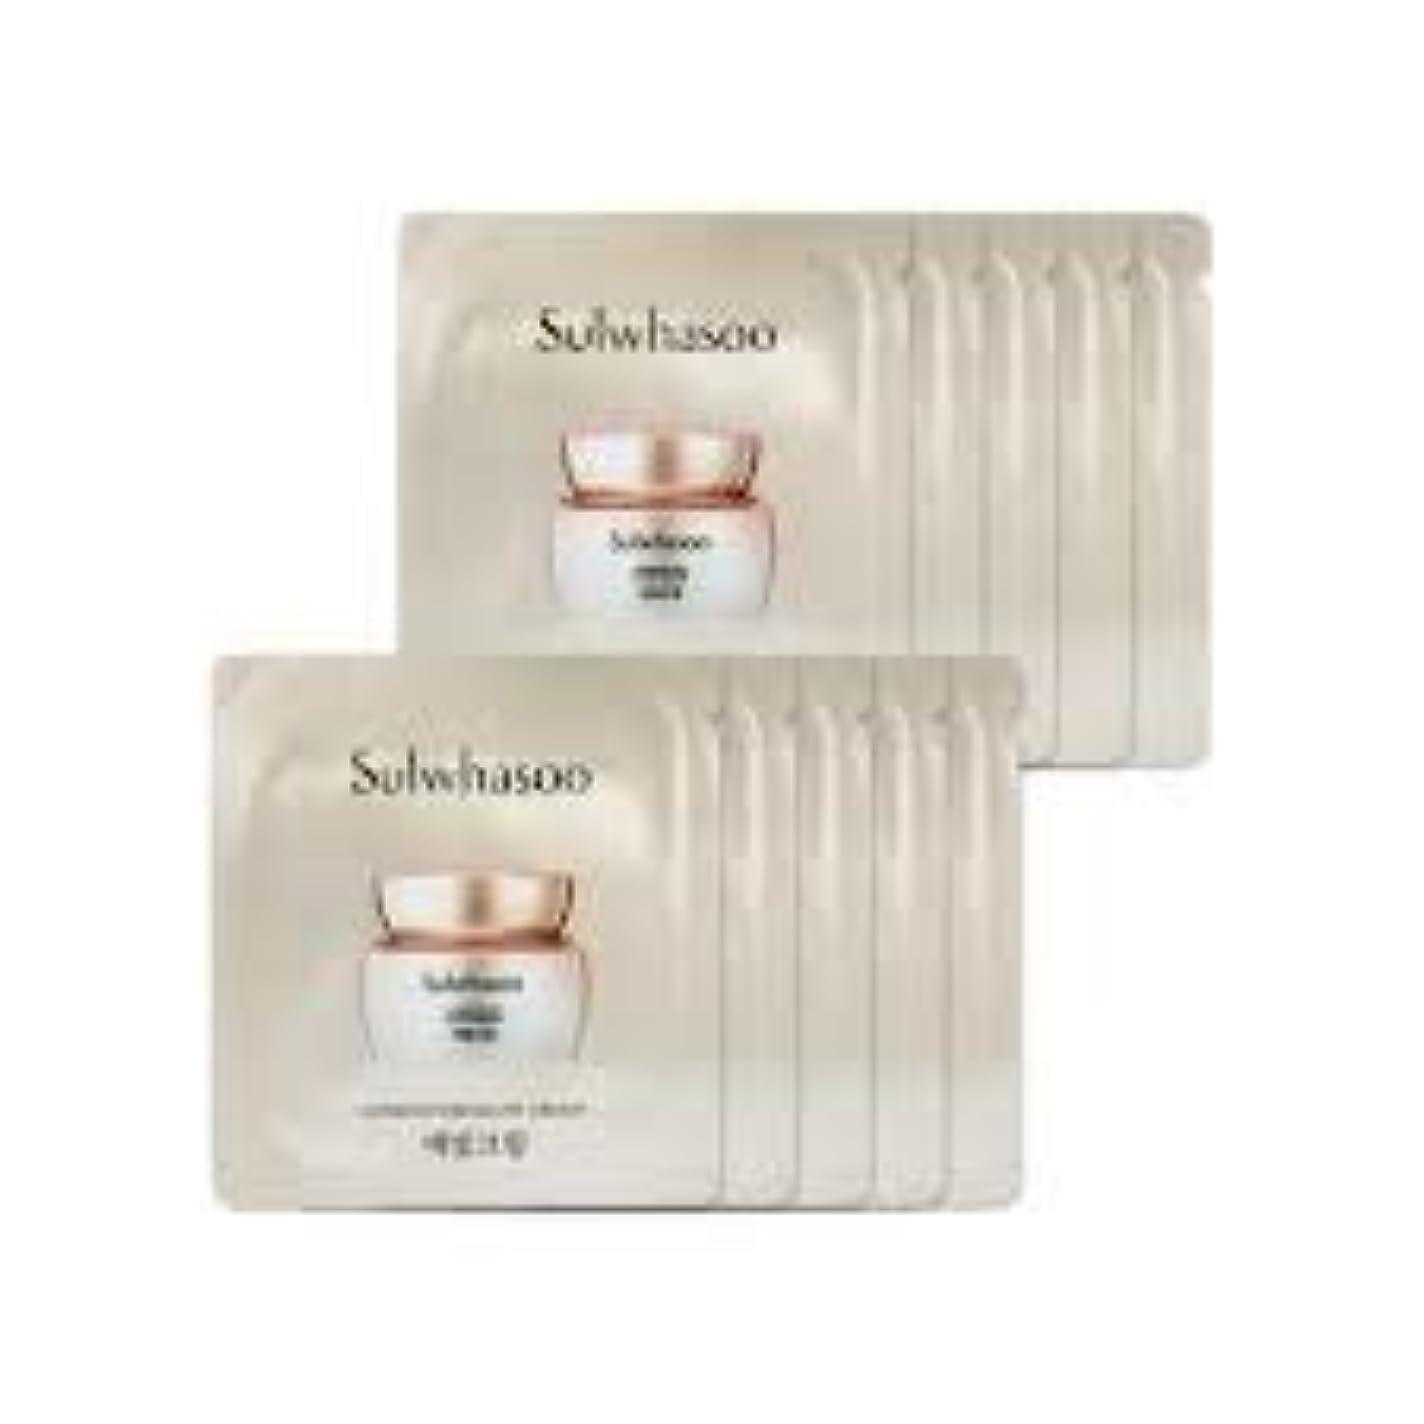 避難成功王族[ソルファス ] Sulwhasoo (雪花秀) ルミナチュアグロー Luminature Glow Cream 1ml x 30 (イェビトクリーム) [ShopMaster1]